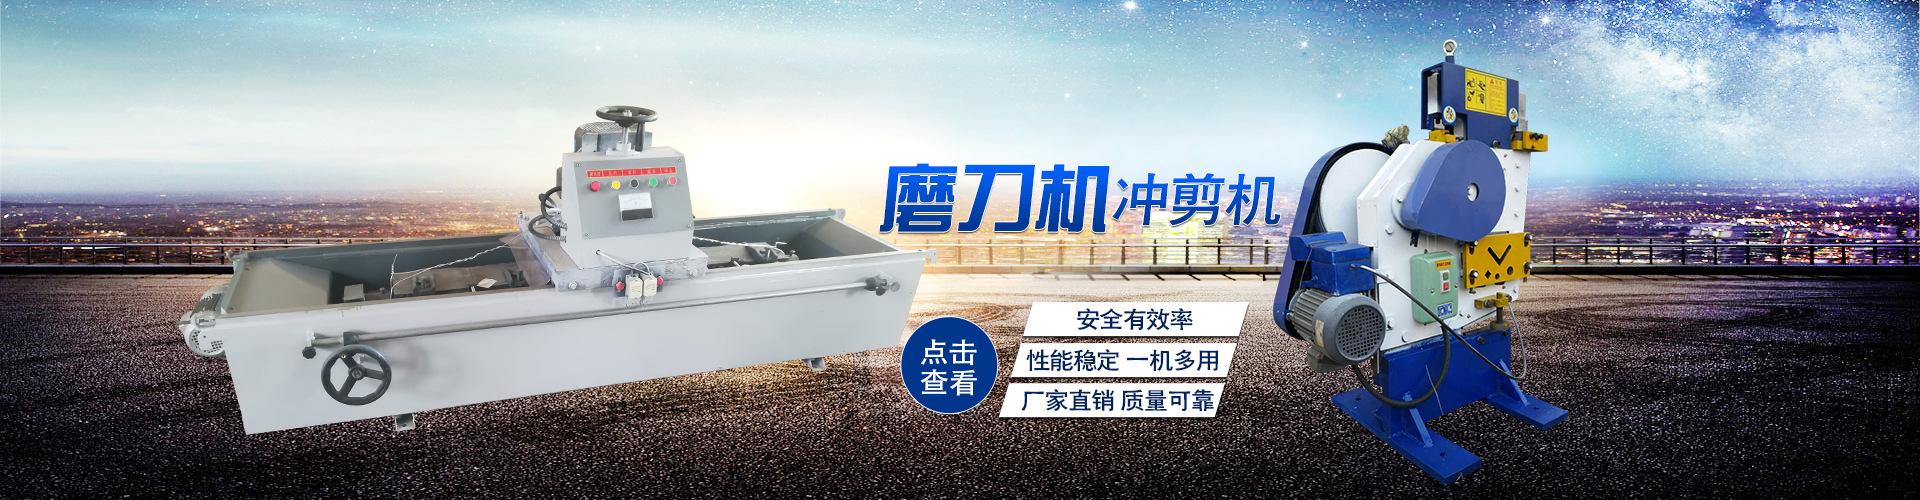 任县益翔机械制造厂